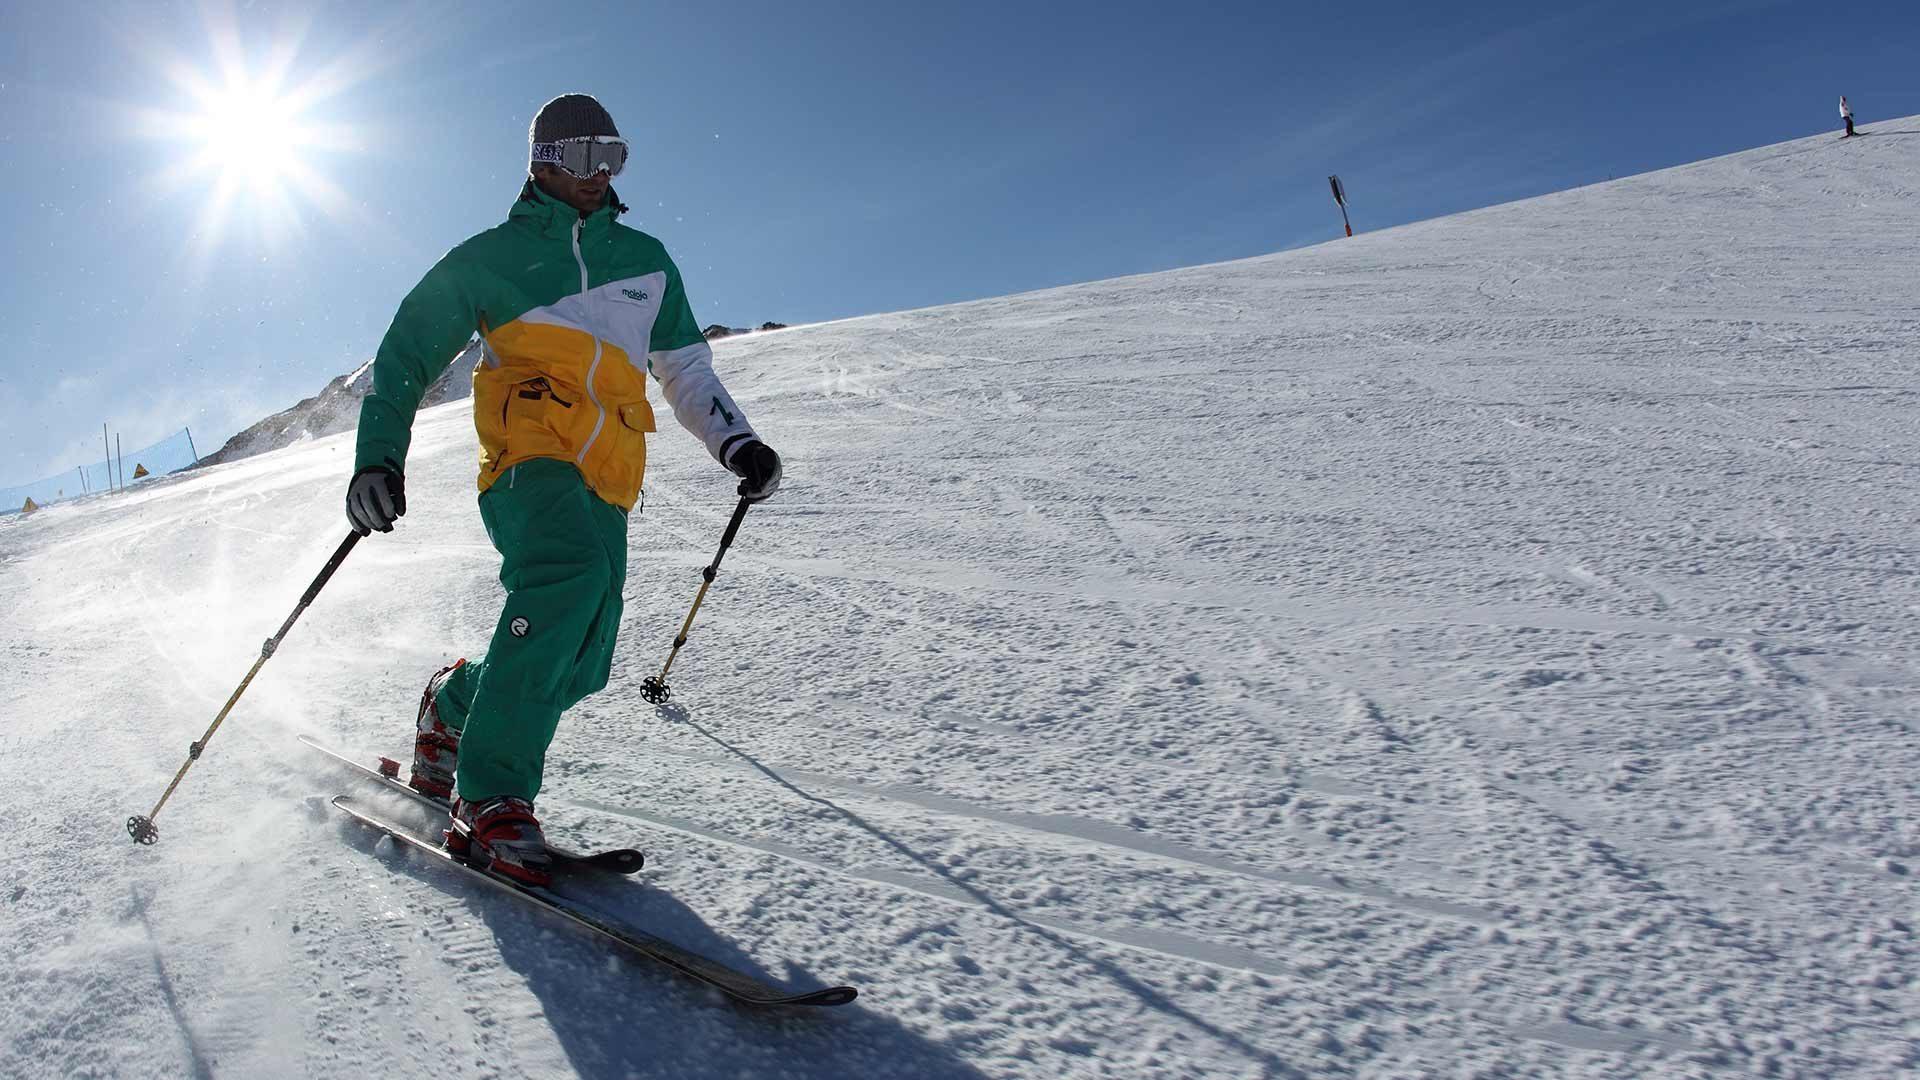 Ghiacciaio di Senales - sciare